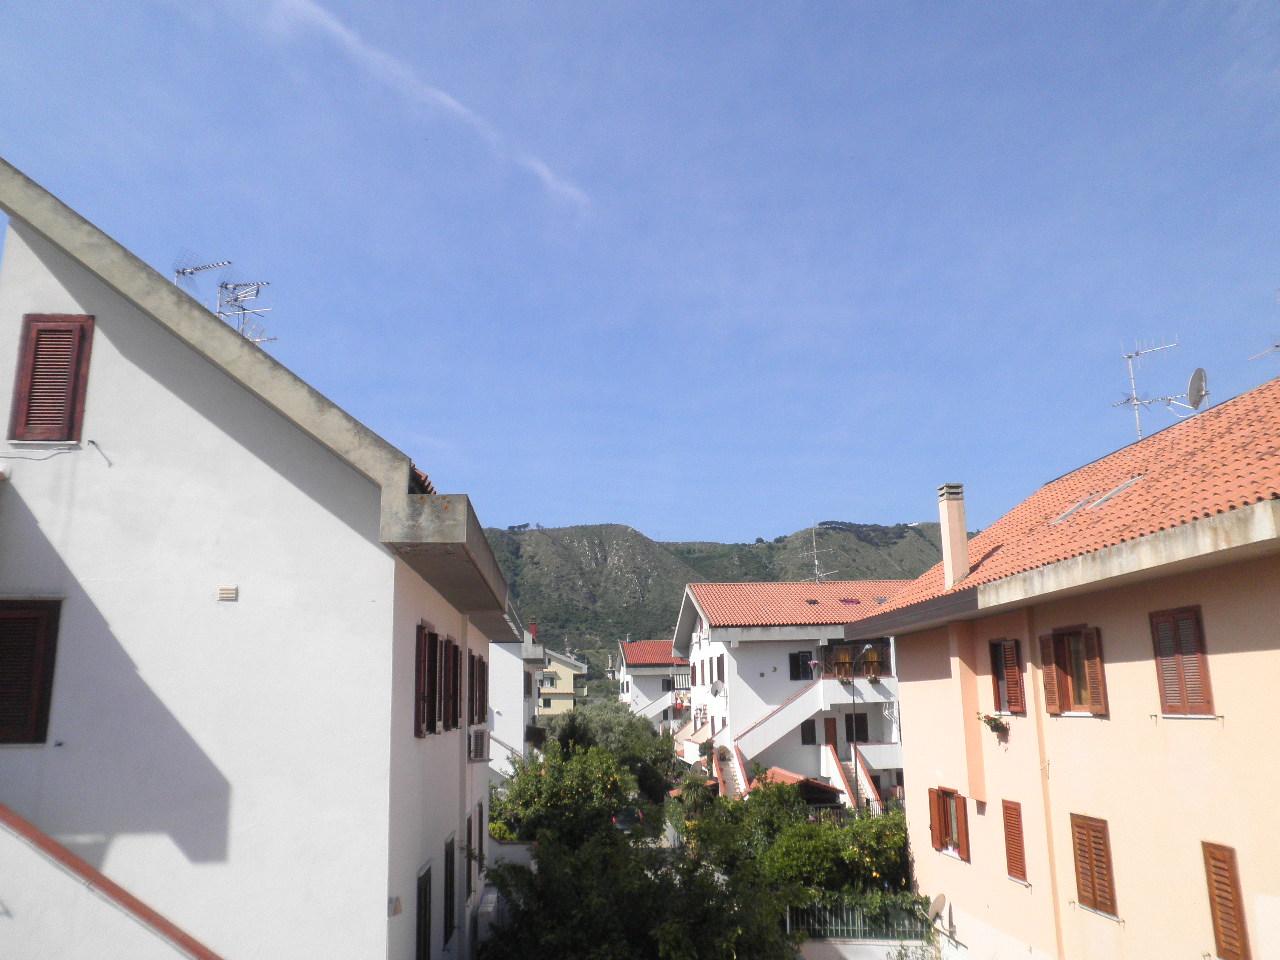 Appartamento in vendita a Squillace, 5 locali, zona Località: SquillaceLido, prezzo € 125.000 | Cambio Casa.it